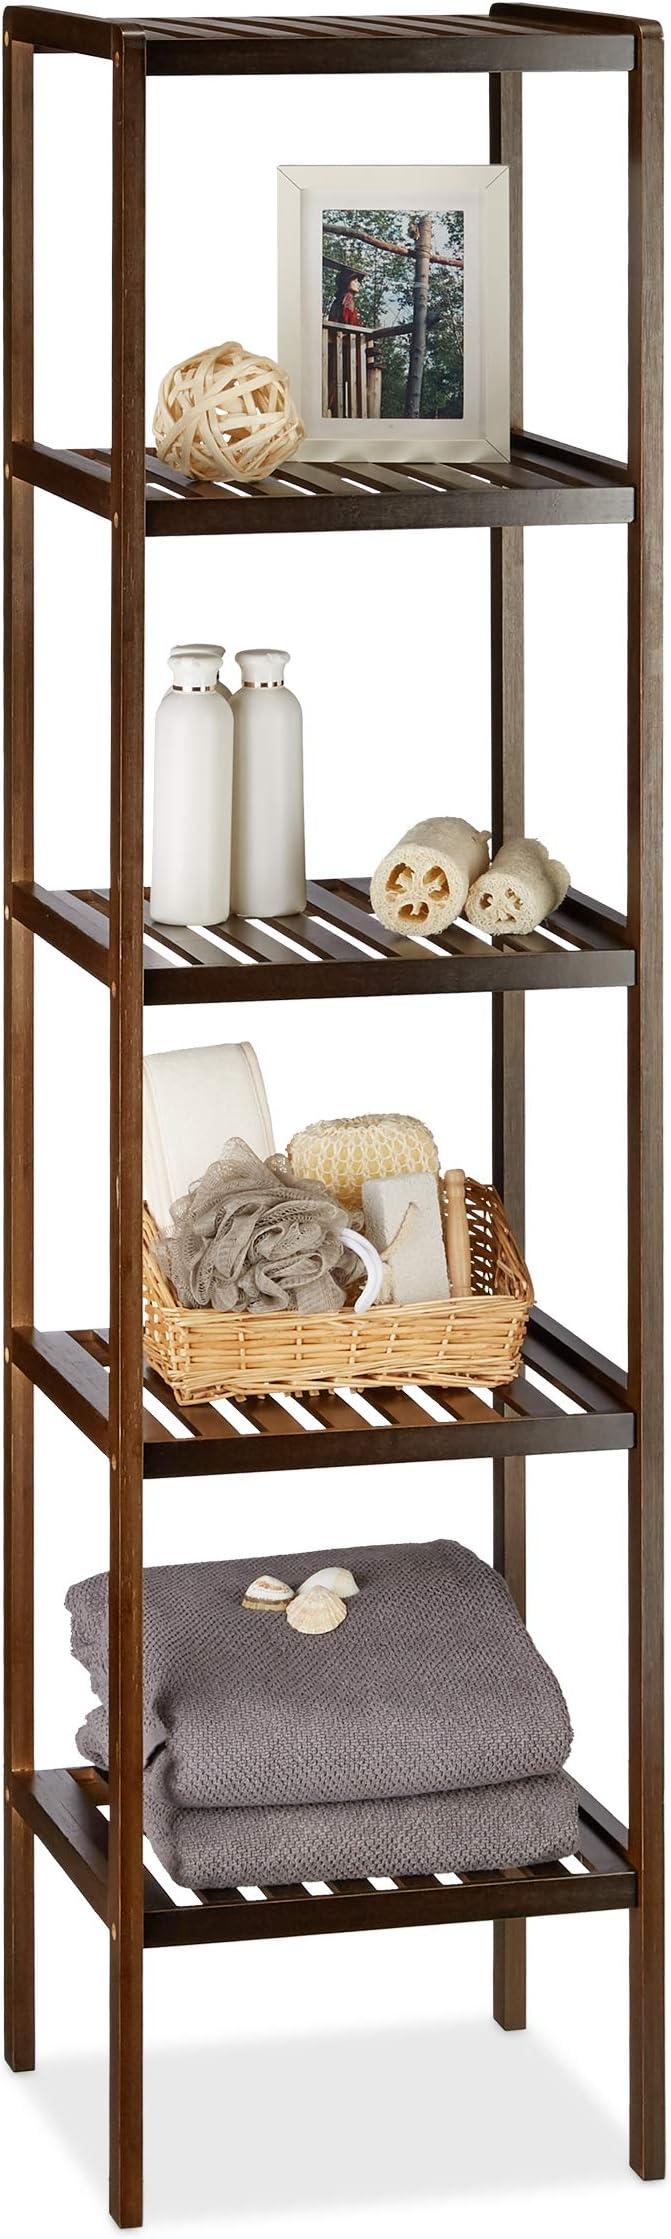 Relaxdays Estantería de Baño con 5 Estantes, Bambú, Marrón, 33x34.5x139.5 cm